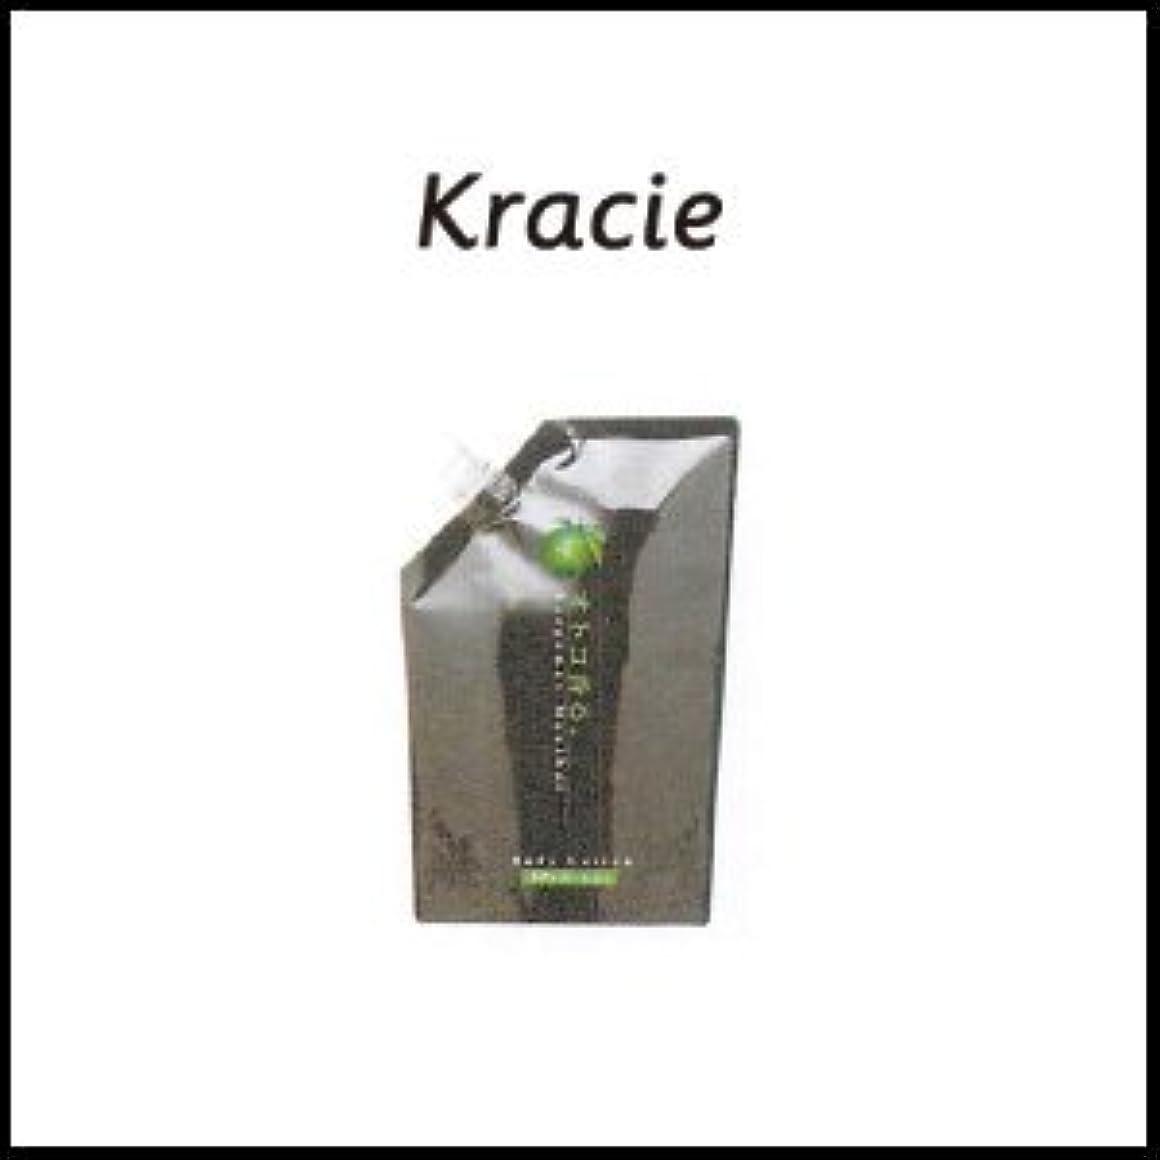 成人期程度センチメートルクラシエ オトコ香る ボディローション(ベルガモット) 500ml 詰替え用(レフィル)